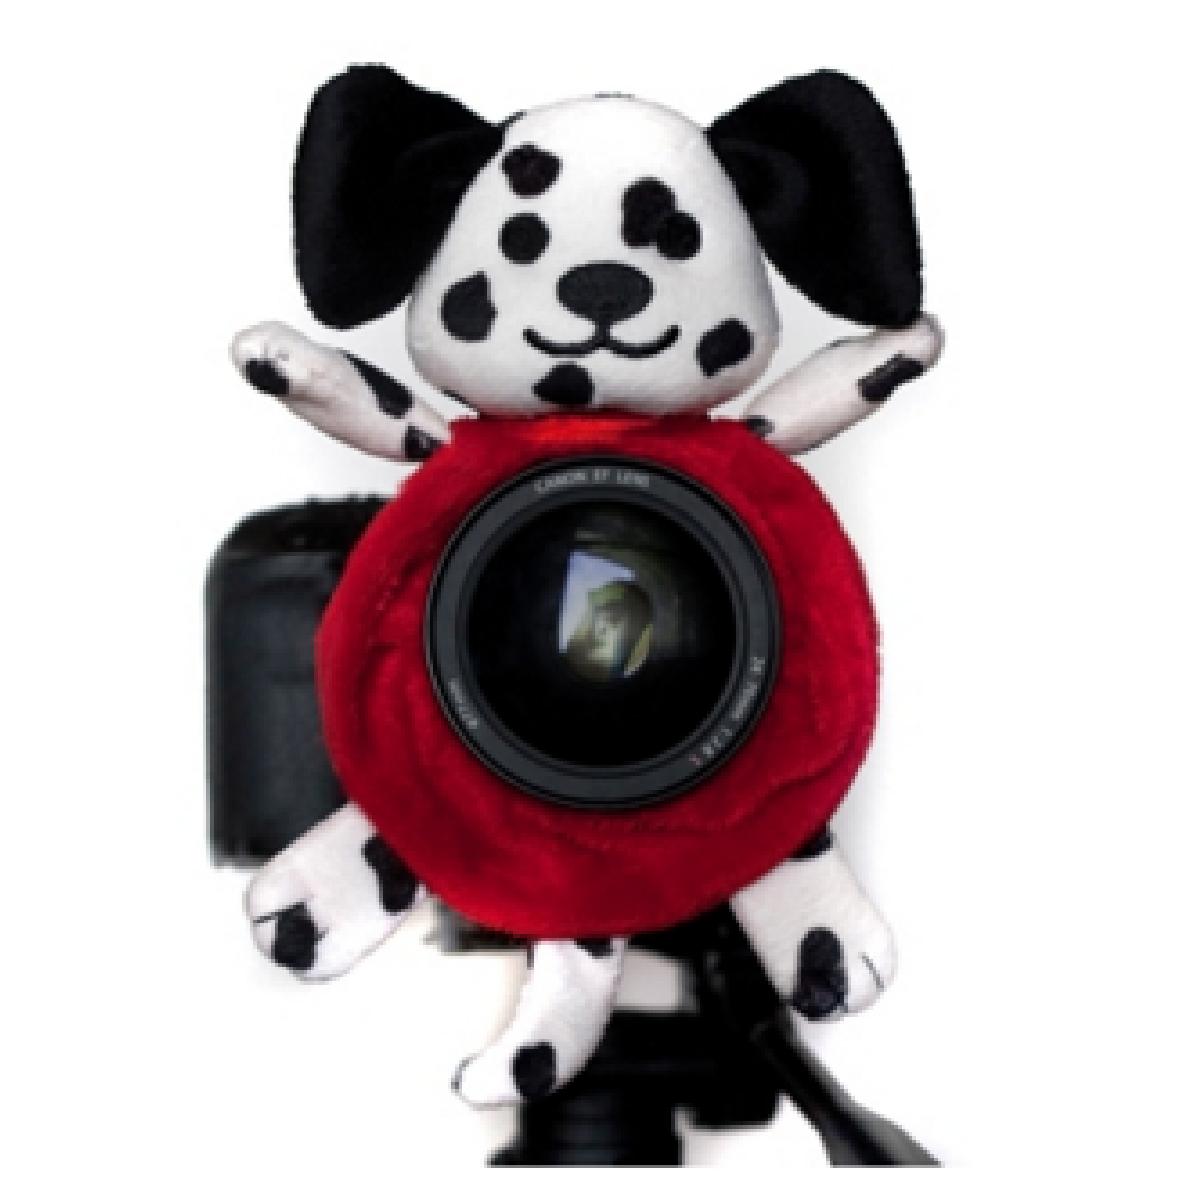 cadeaux 2 ouf id es de cadeaux insolites et originaux des petites peluches pour appareil photo. Black Bedroom Furniture Sets. Home Design Ideas